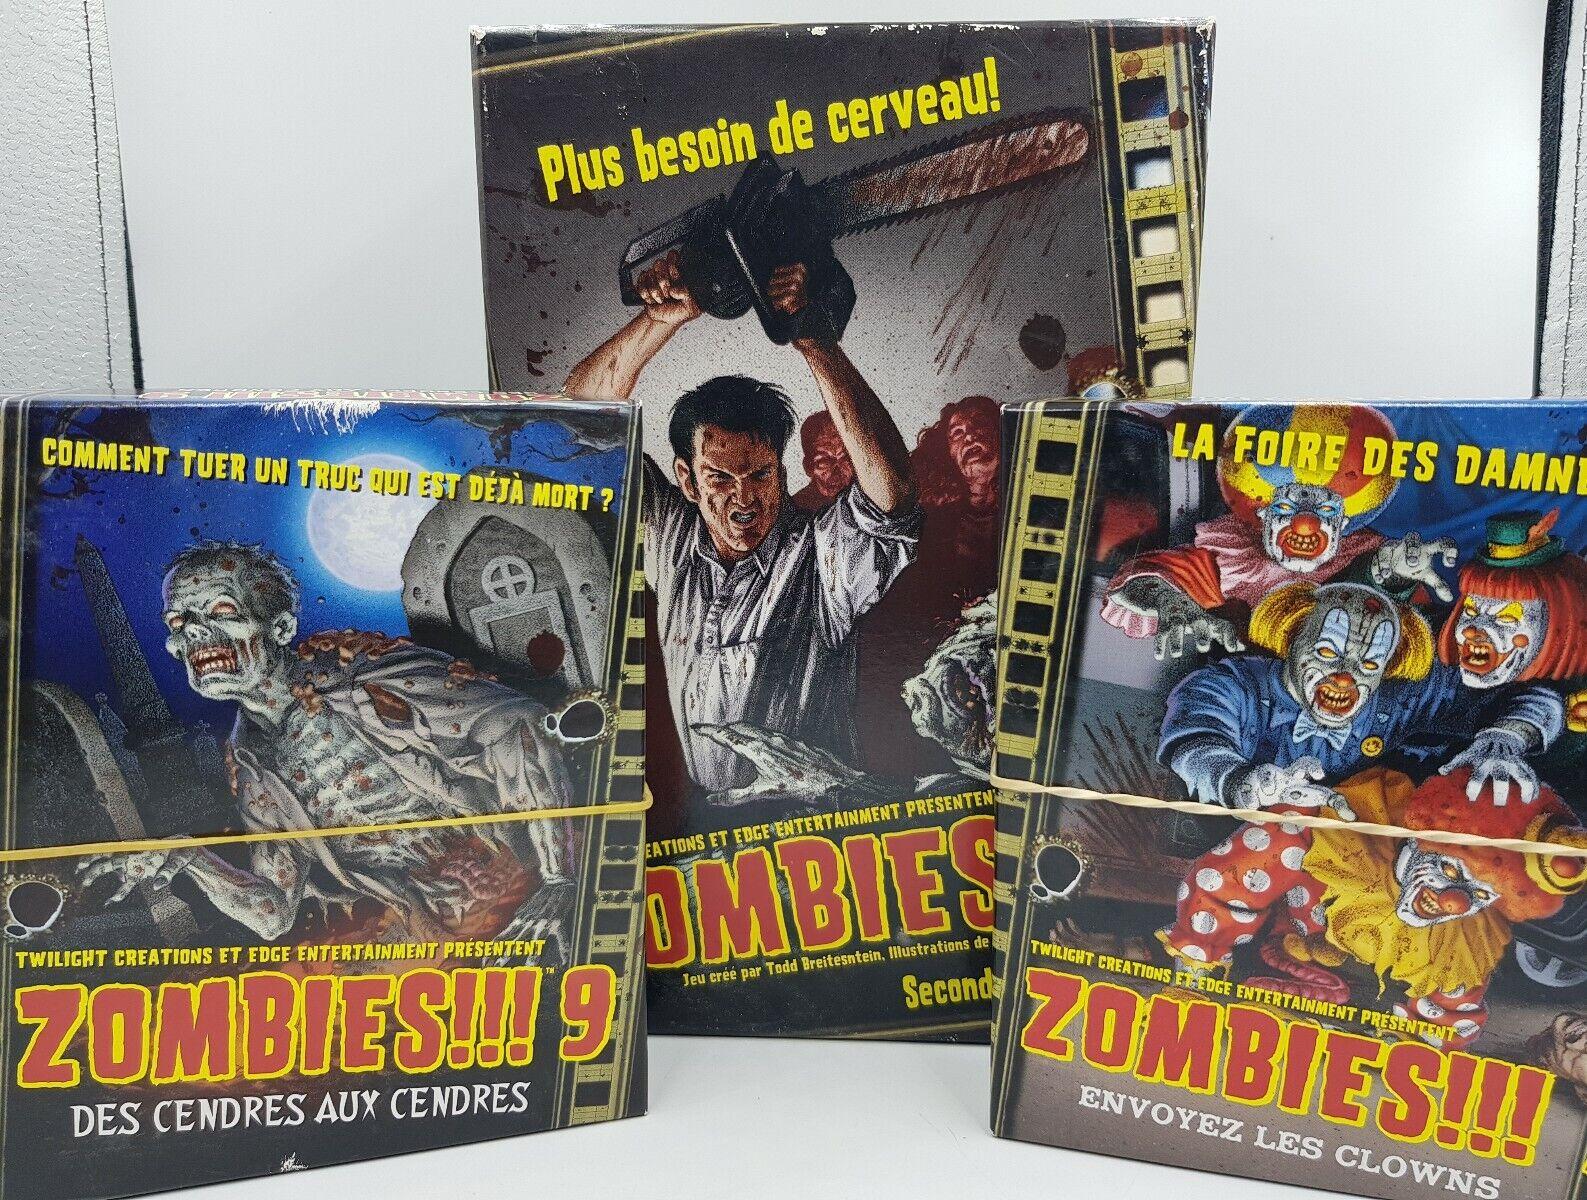 Jeu  de Plateau Zombies     + 2 Extensions Zombies    7 et 9 edizione FR Complet  supporto al dettaglio all'ingrosso